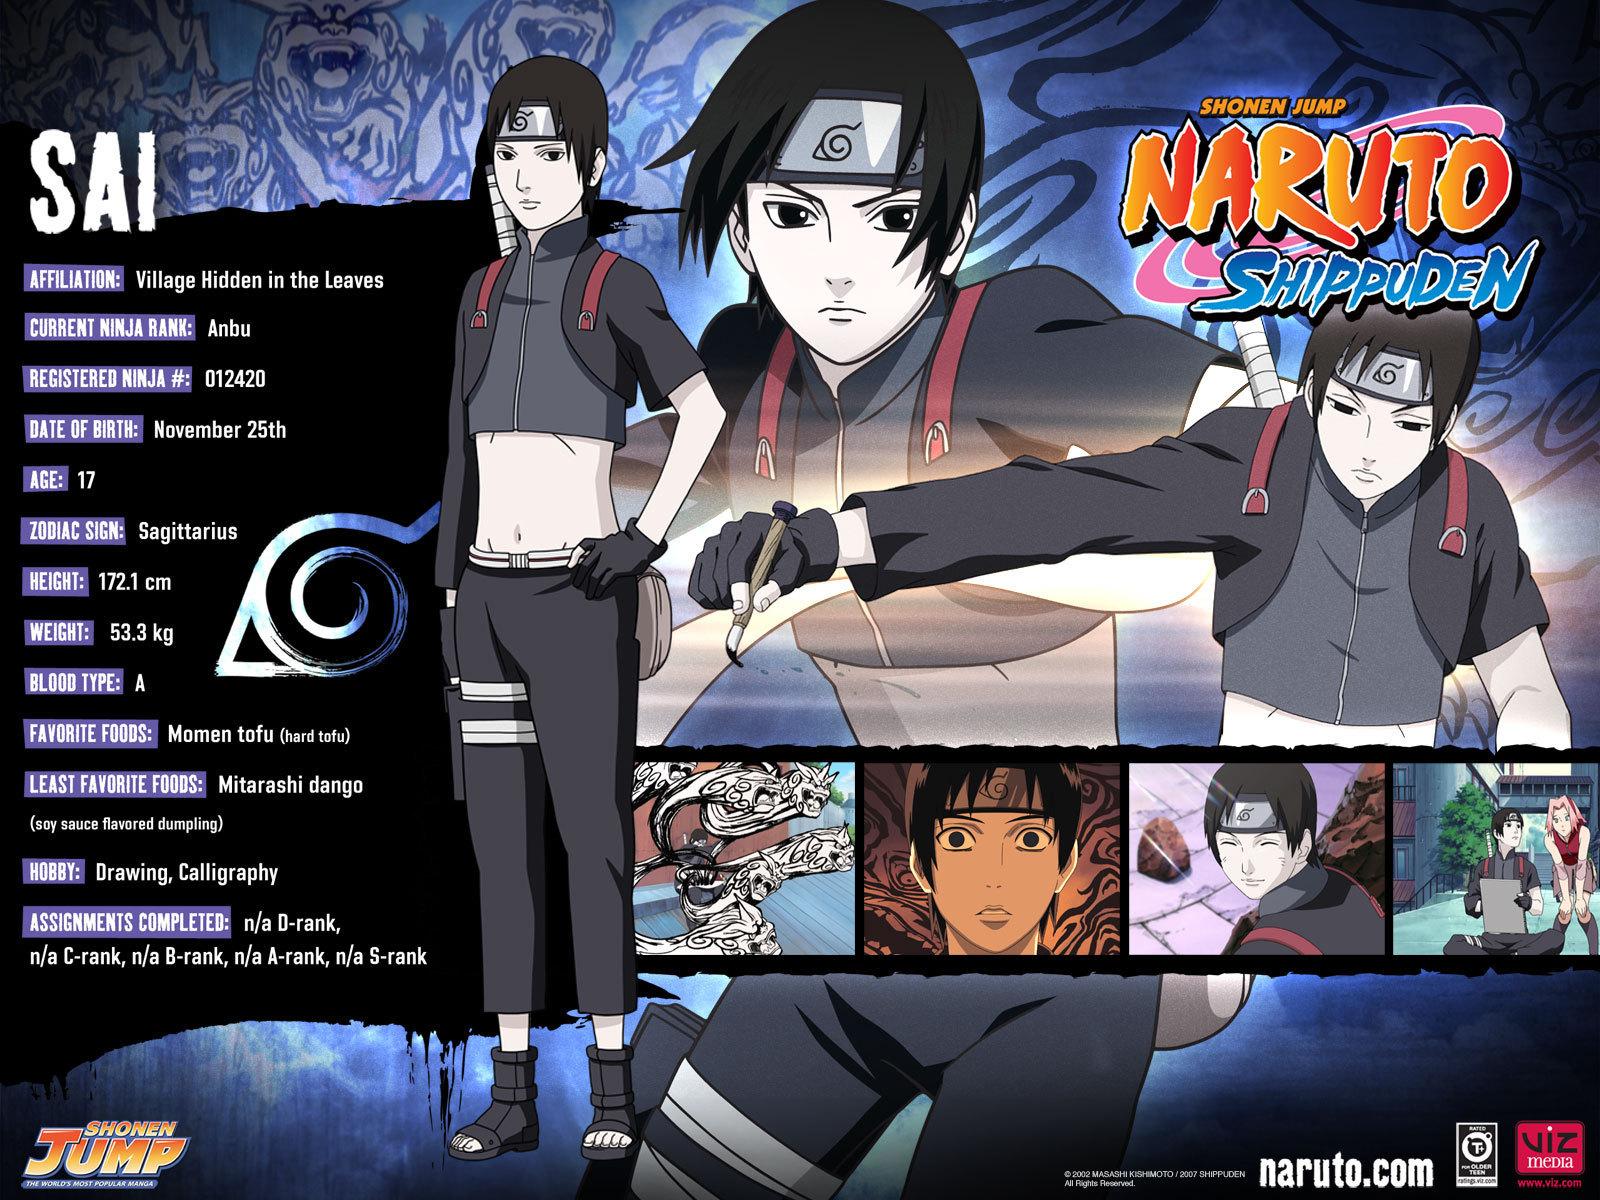 Naruto And Naruto Shippuden NarutoShippuden